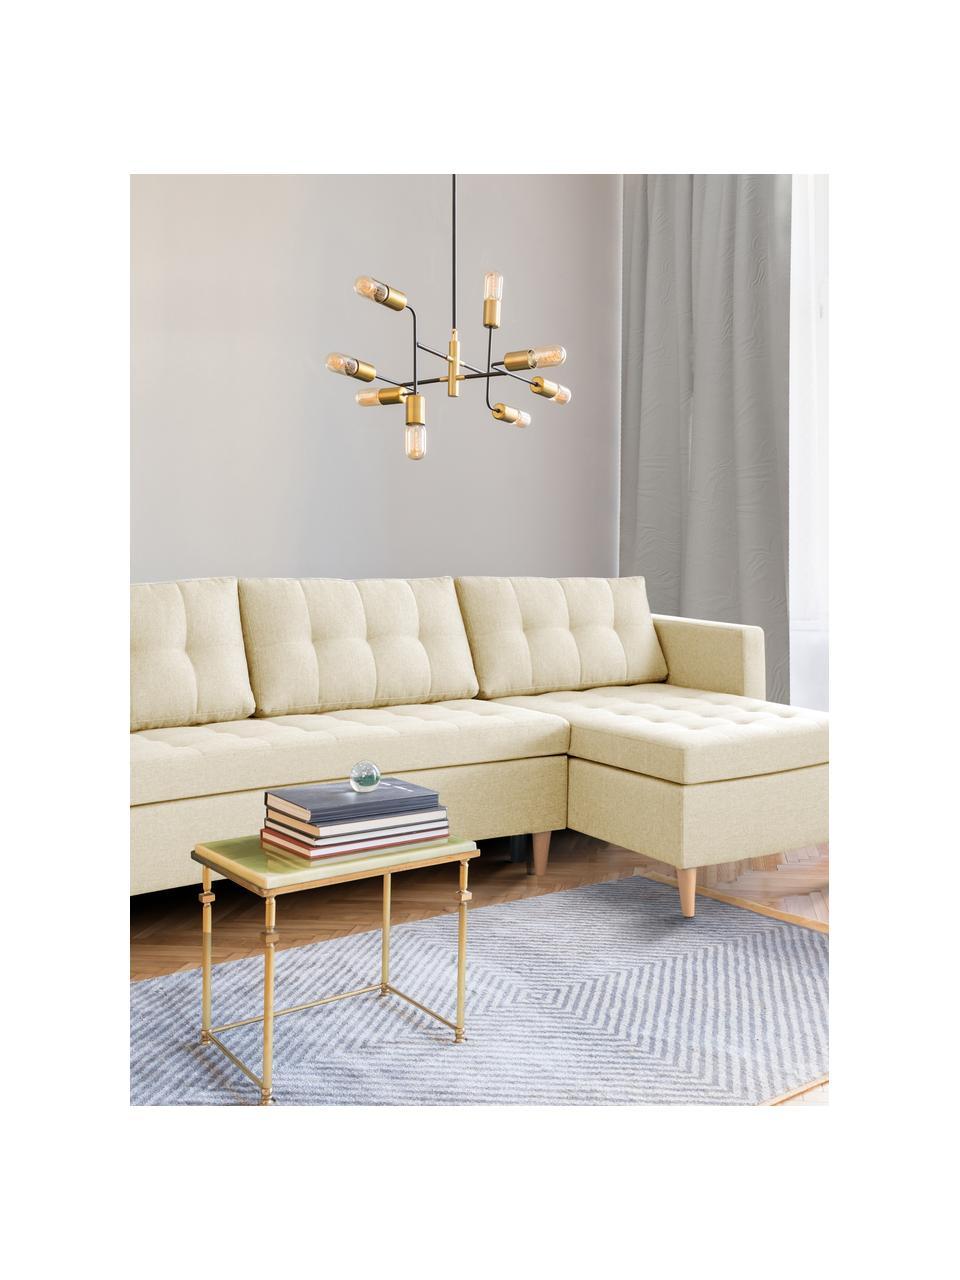 Hoekbank Fandy in beige met slaapfunctie, uitklapbaar, Bekleding: polyester, Frame: massief hout, spaanplaat, Poten: beukenhout, Geweven stof beige, B 223 x D 69 cm